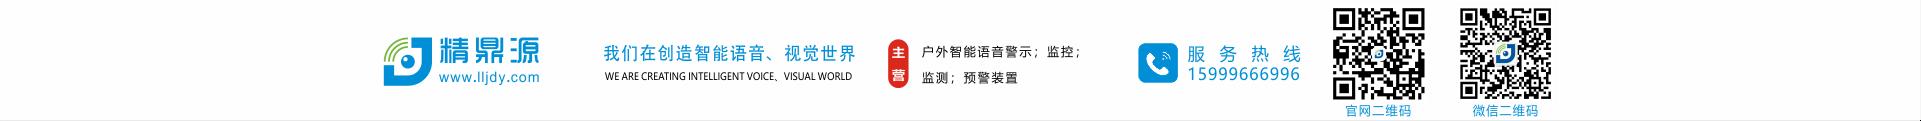 深圳市精鼎源科技有限公司